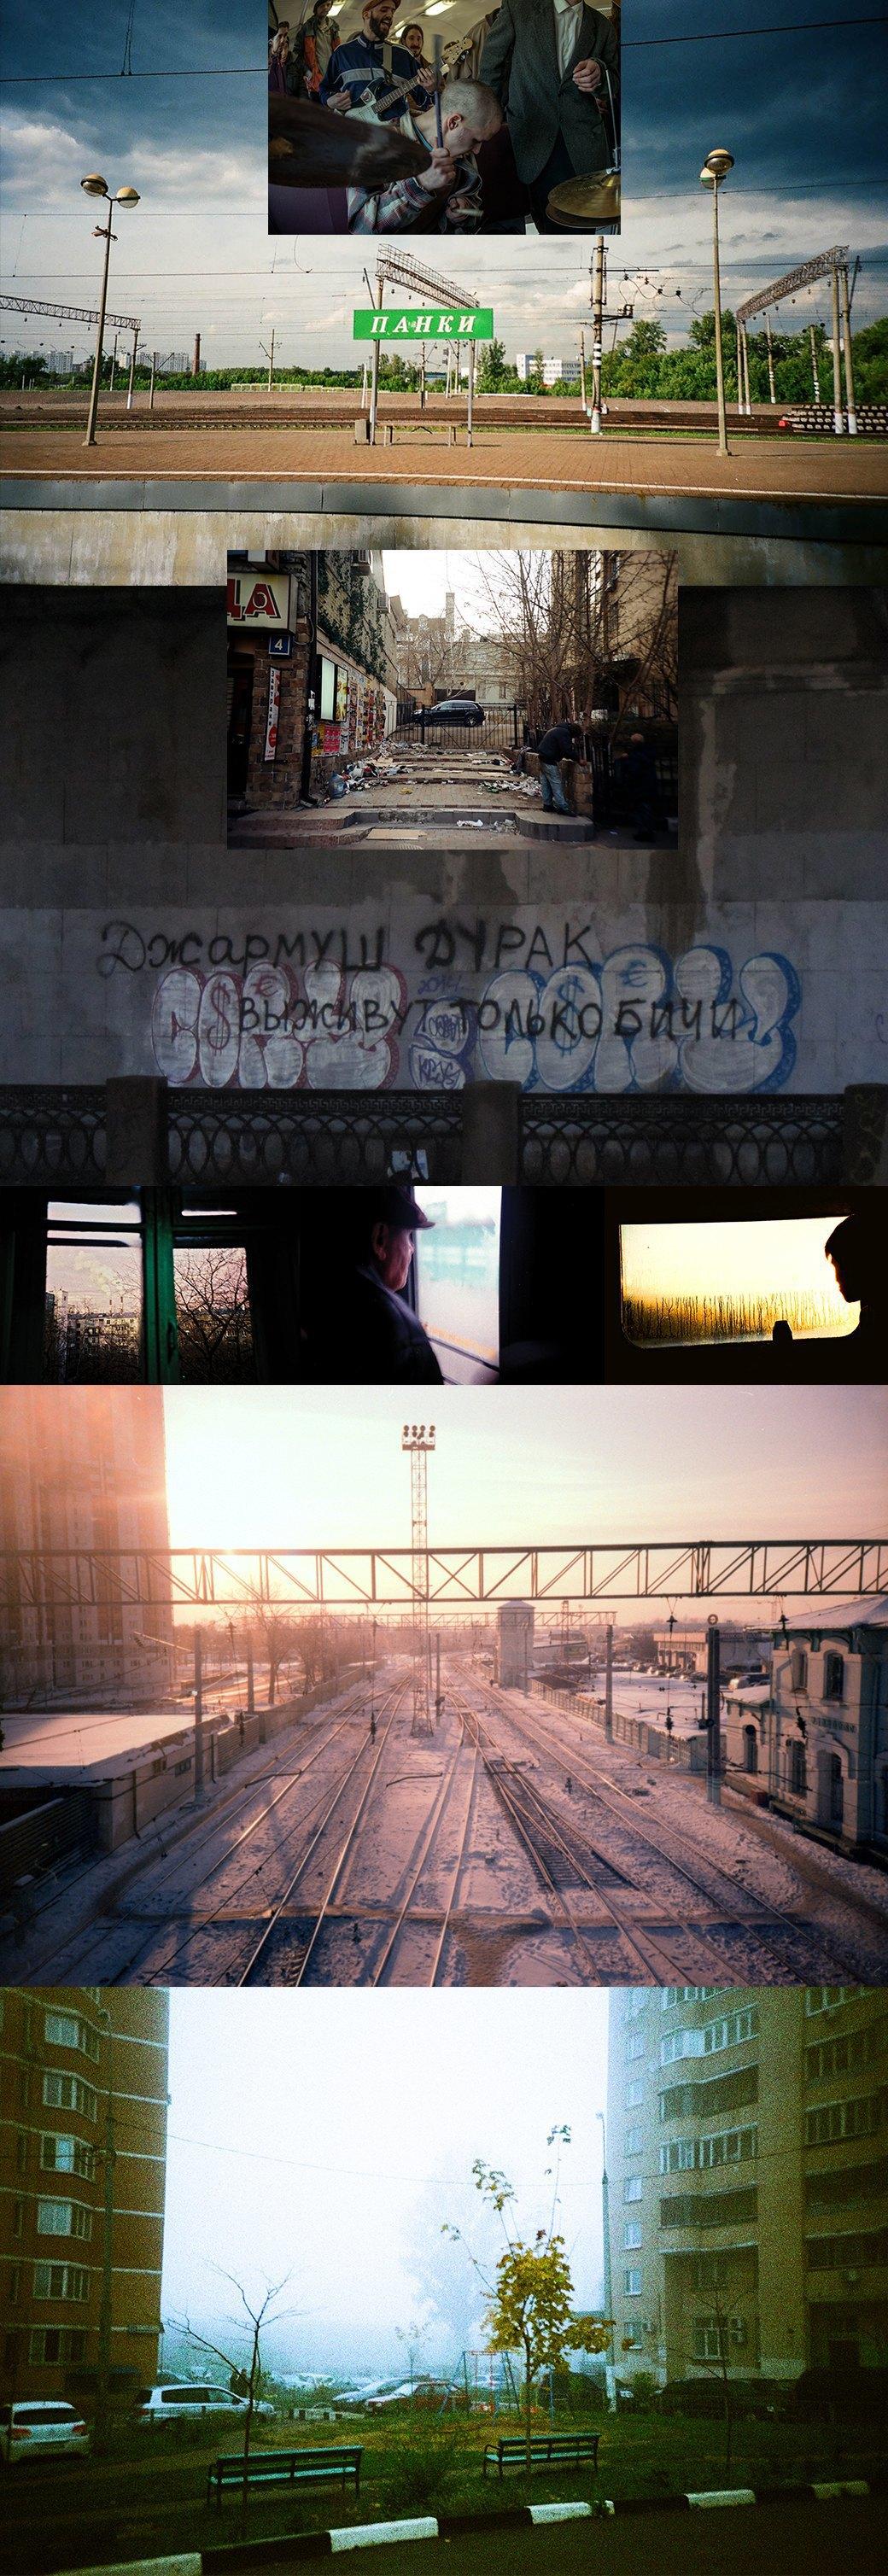 «Россия без нас»: Журнал для подростков, тоскующих по временам, в которых им не удалось пожить. Изображение № 3.